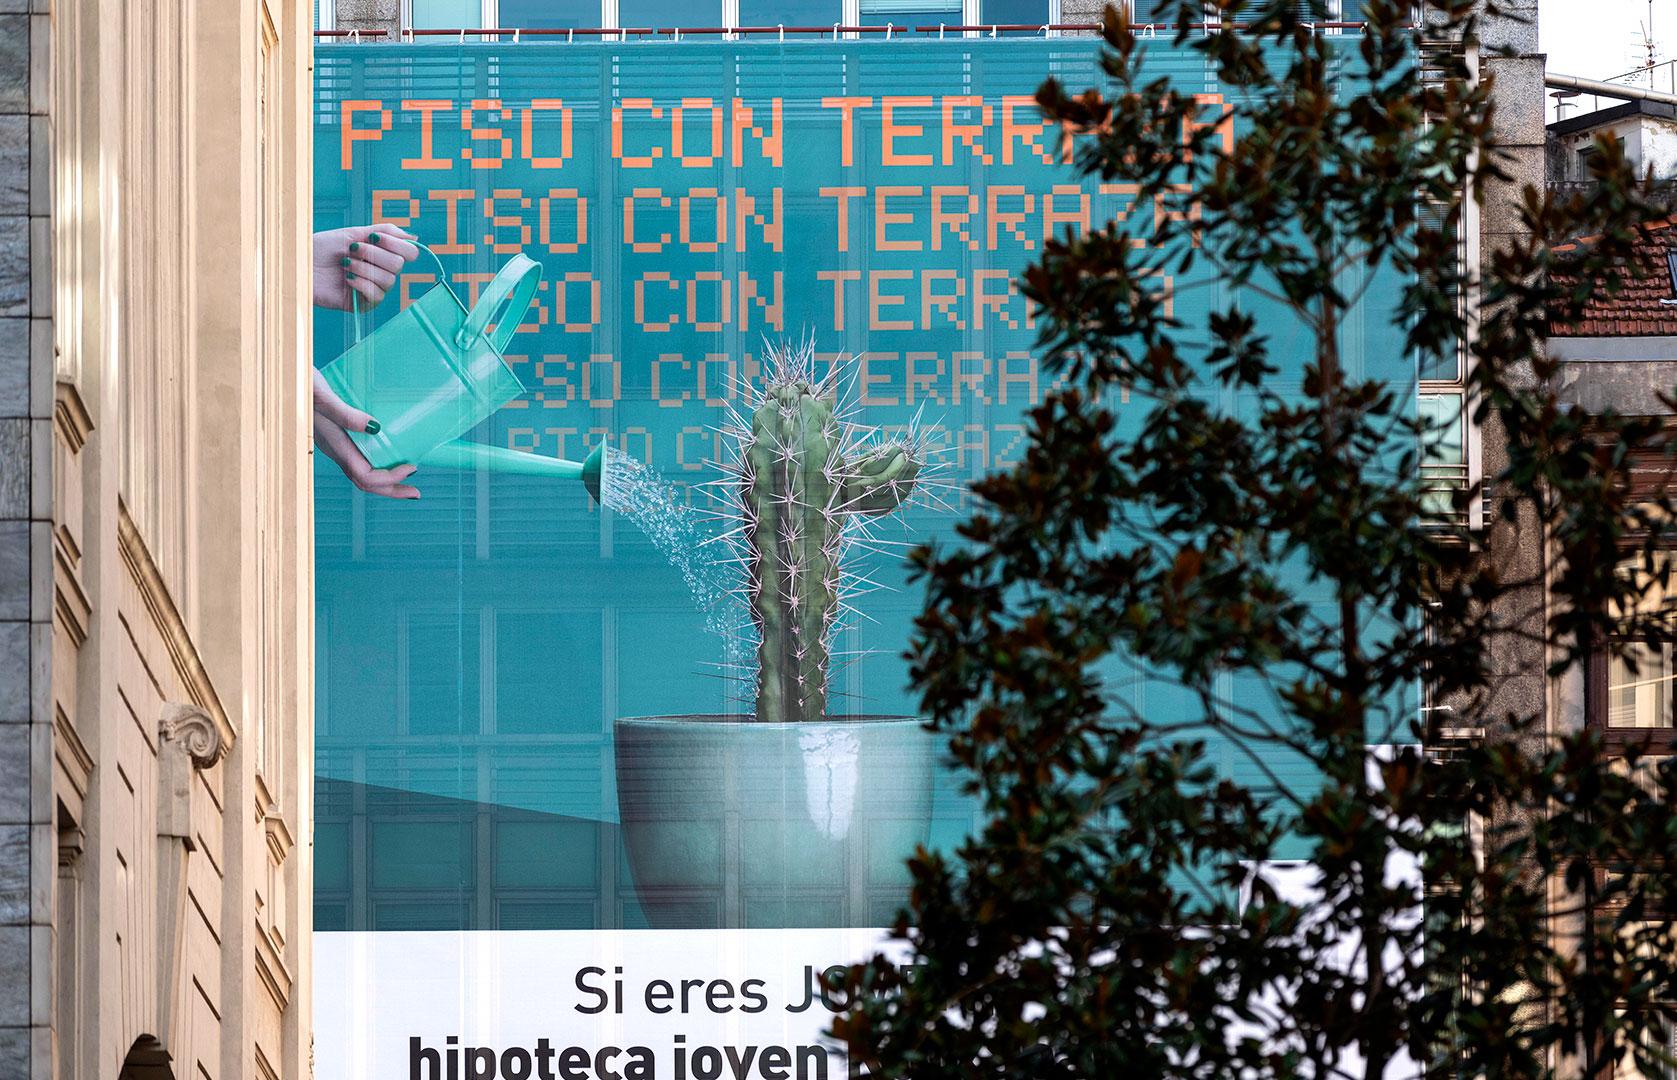 kutxabank korner foto lona fachada gran vía Campaña Publicidad